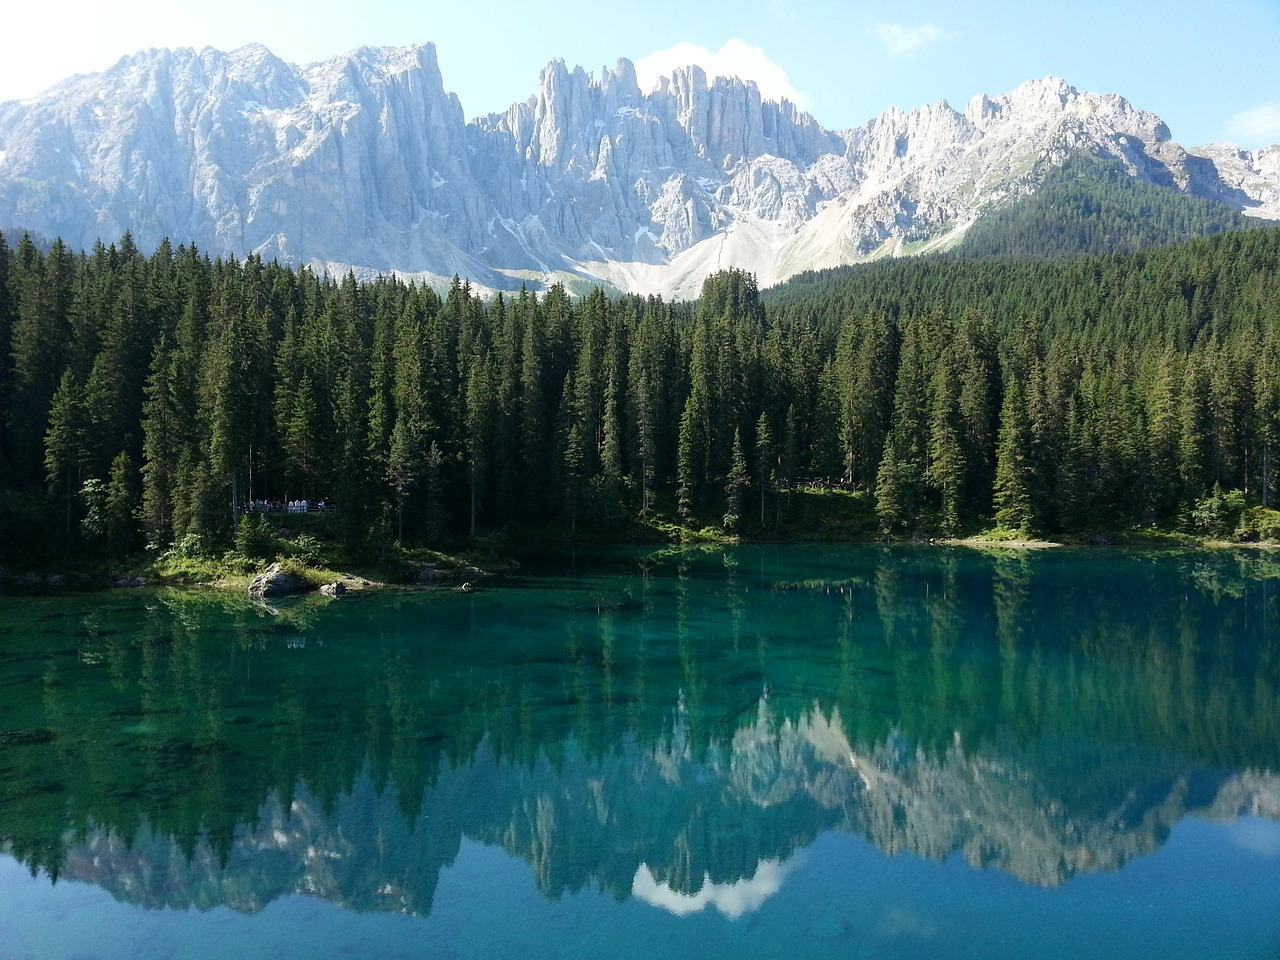 lake-caress-294227_1280